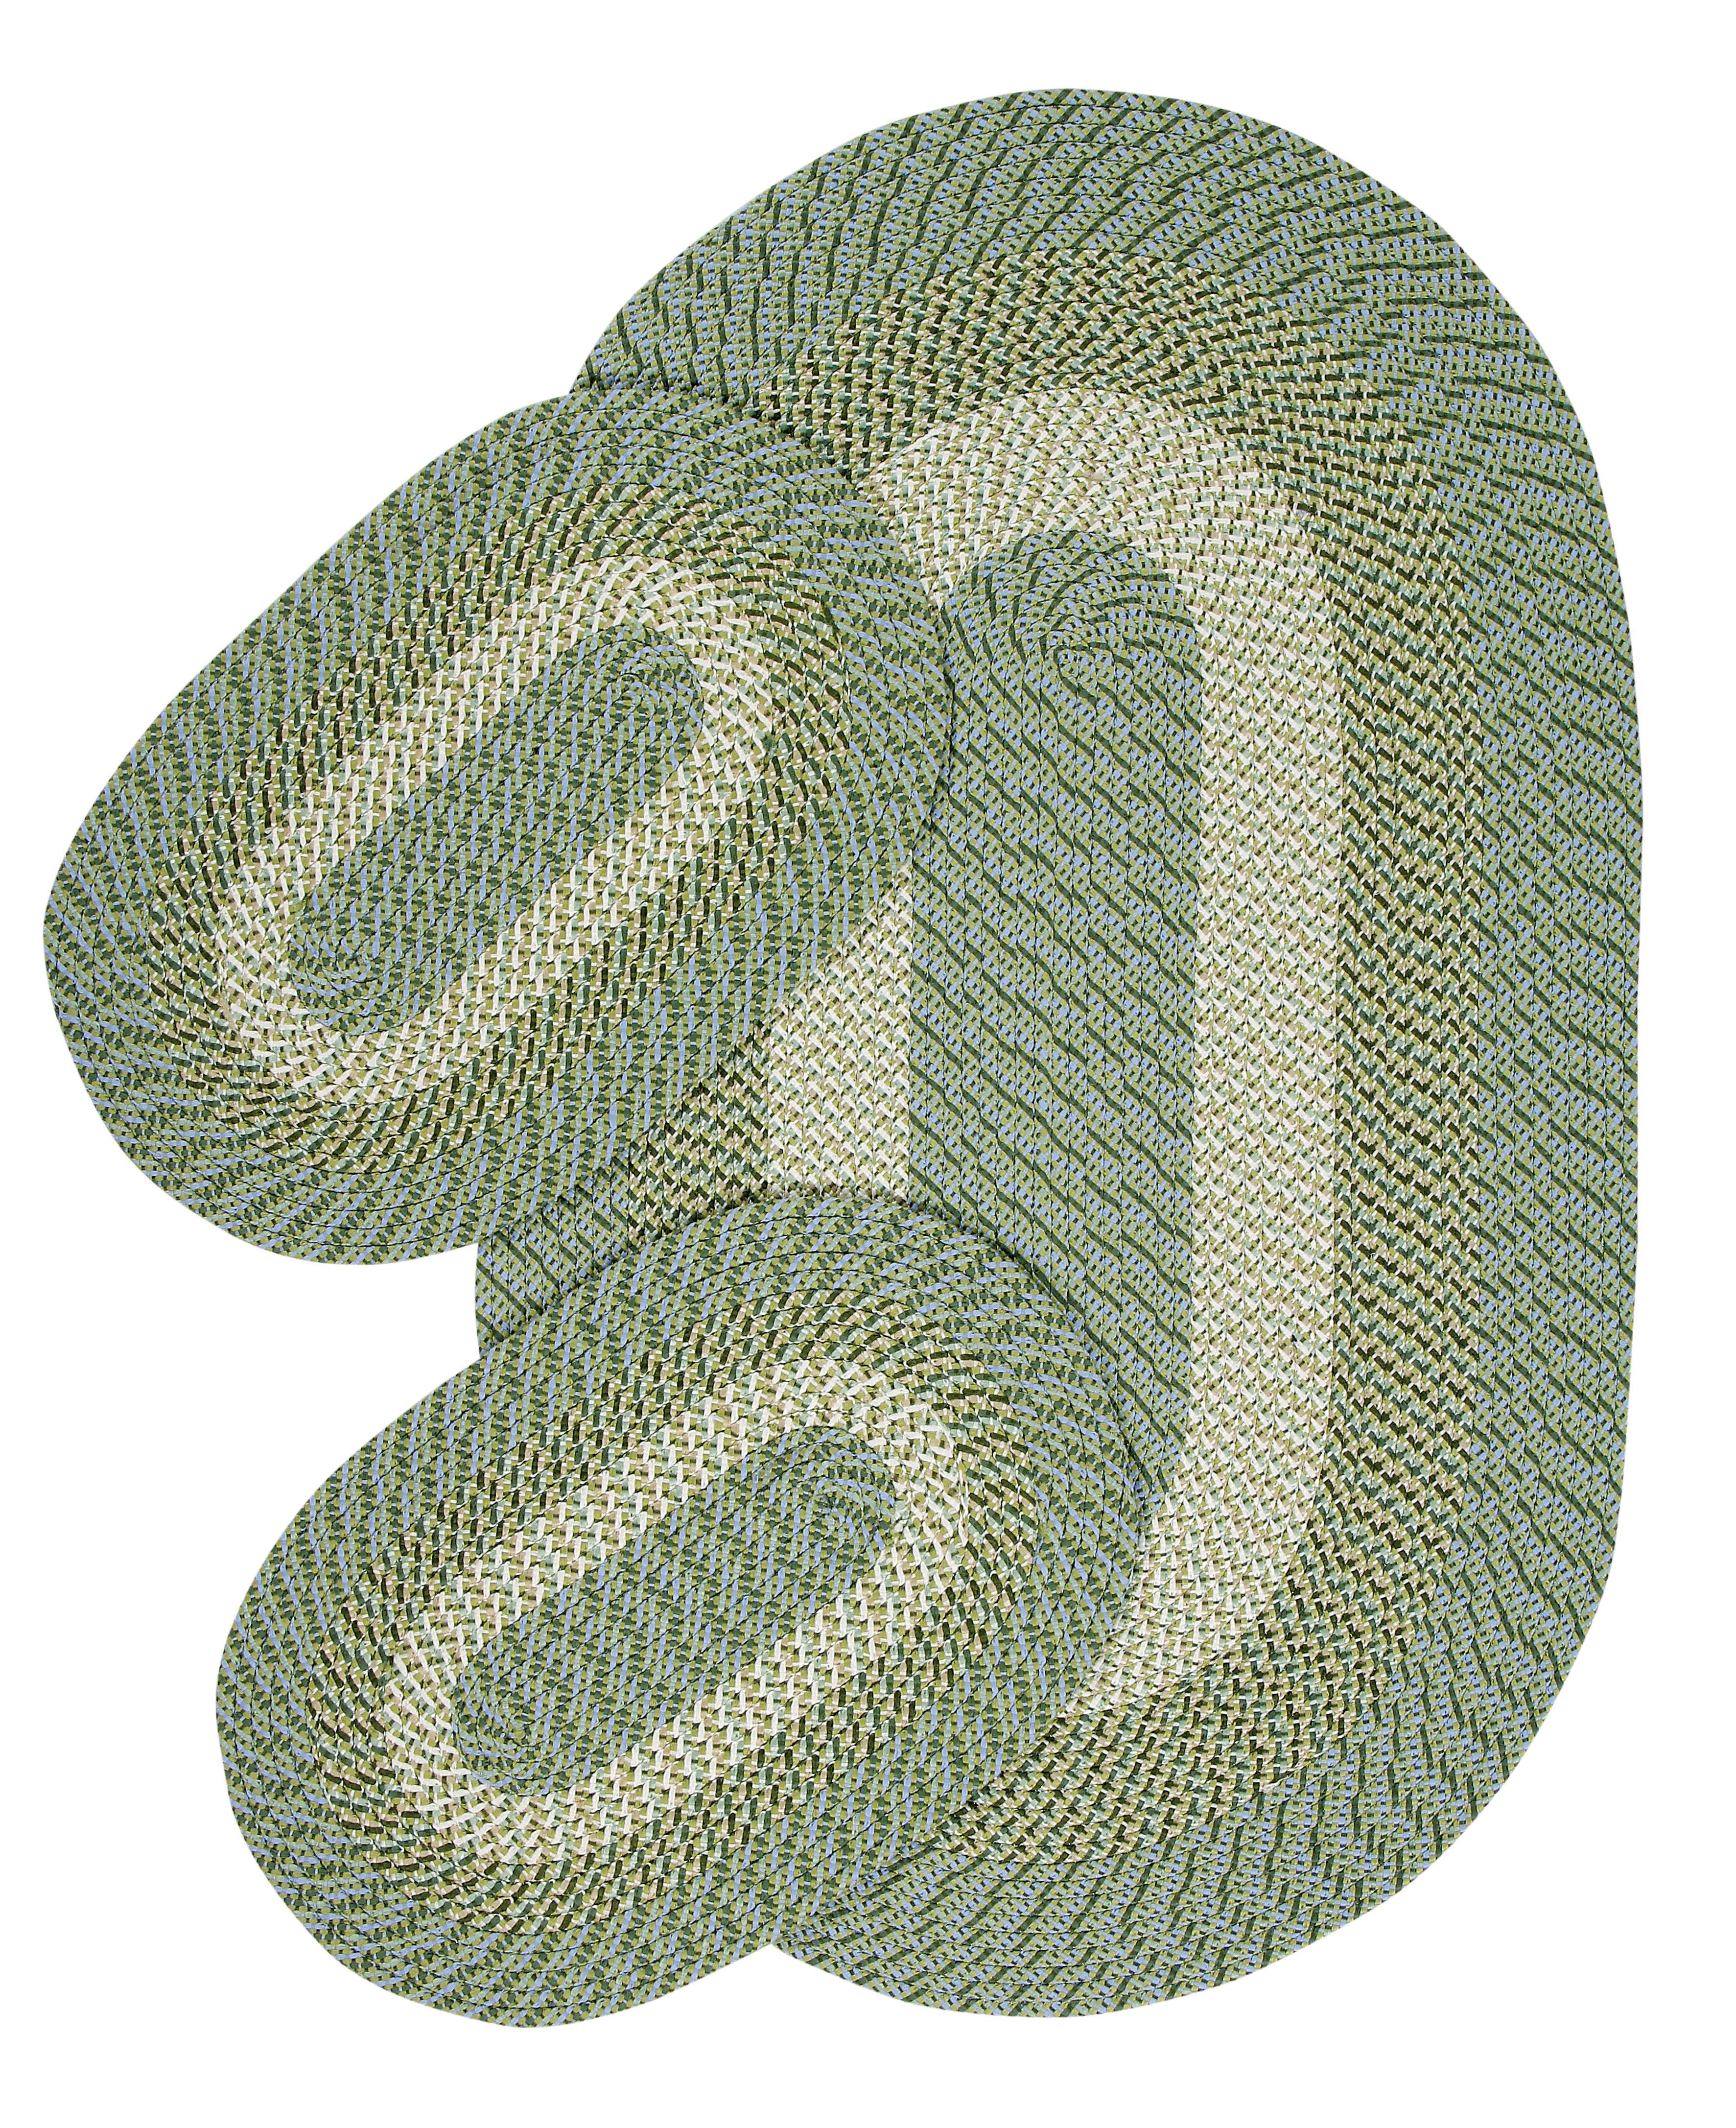 0574a49ce1 August Grove McClure 3 Piece Hand-Braided Sage Area Rug | Wayfair